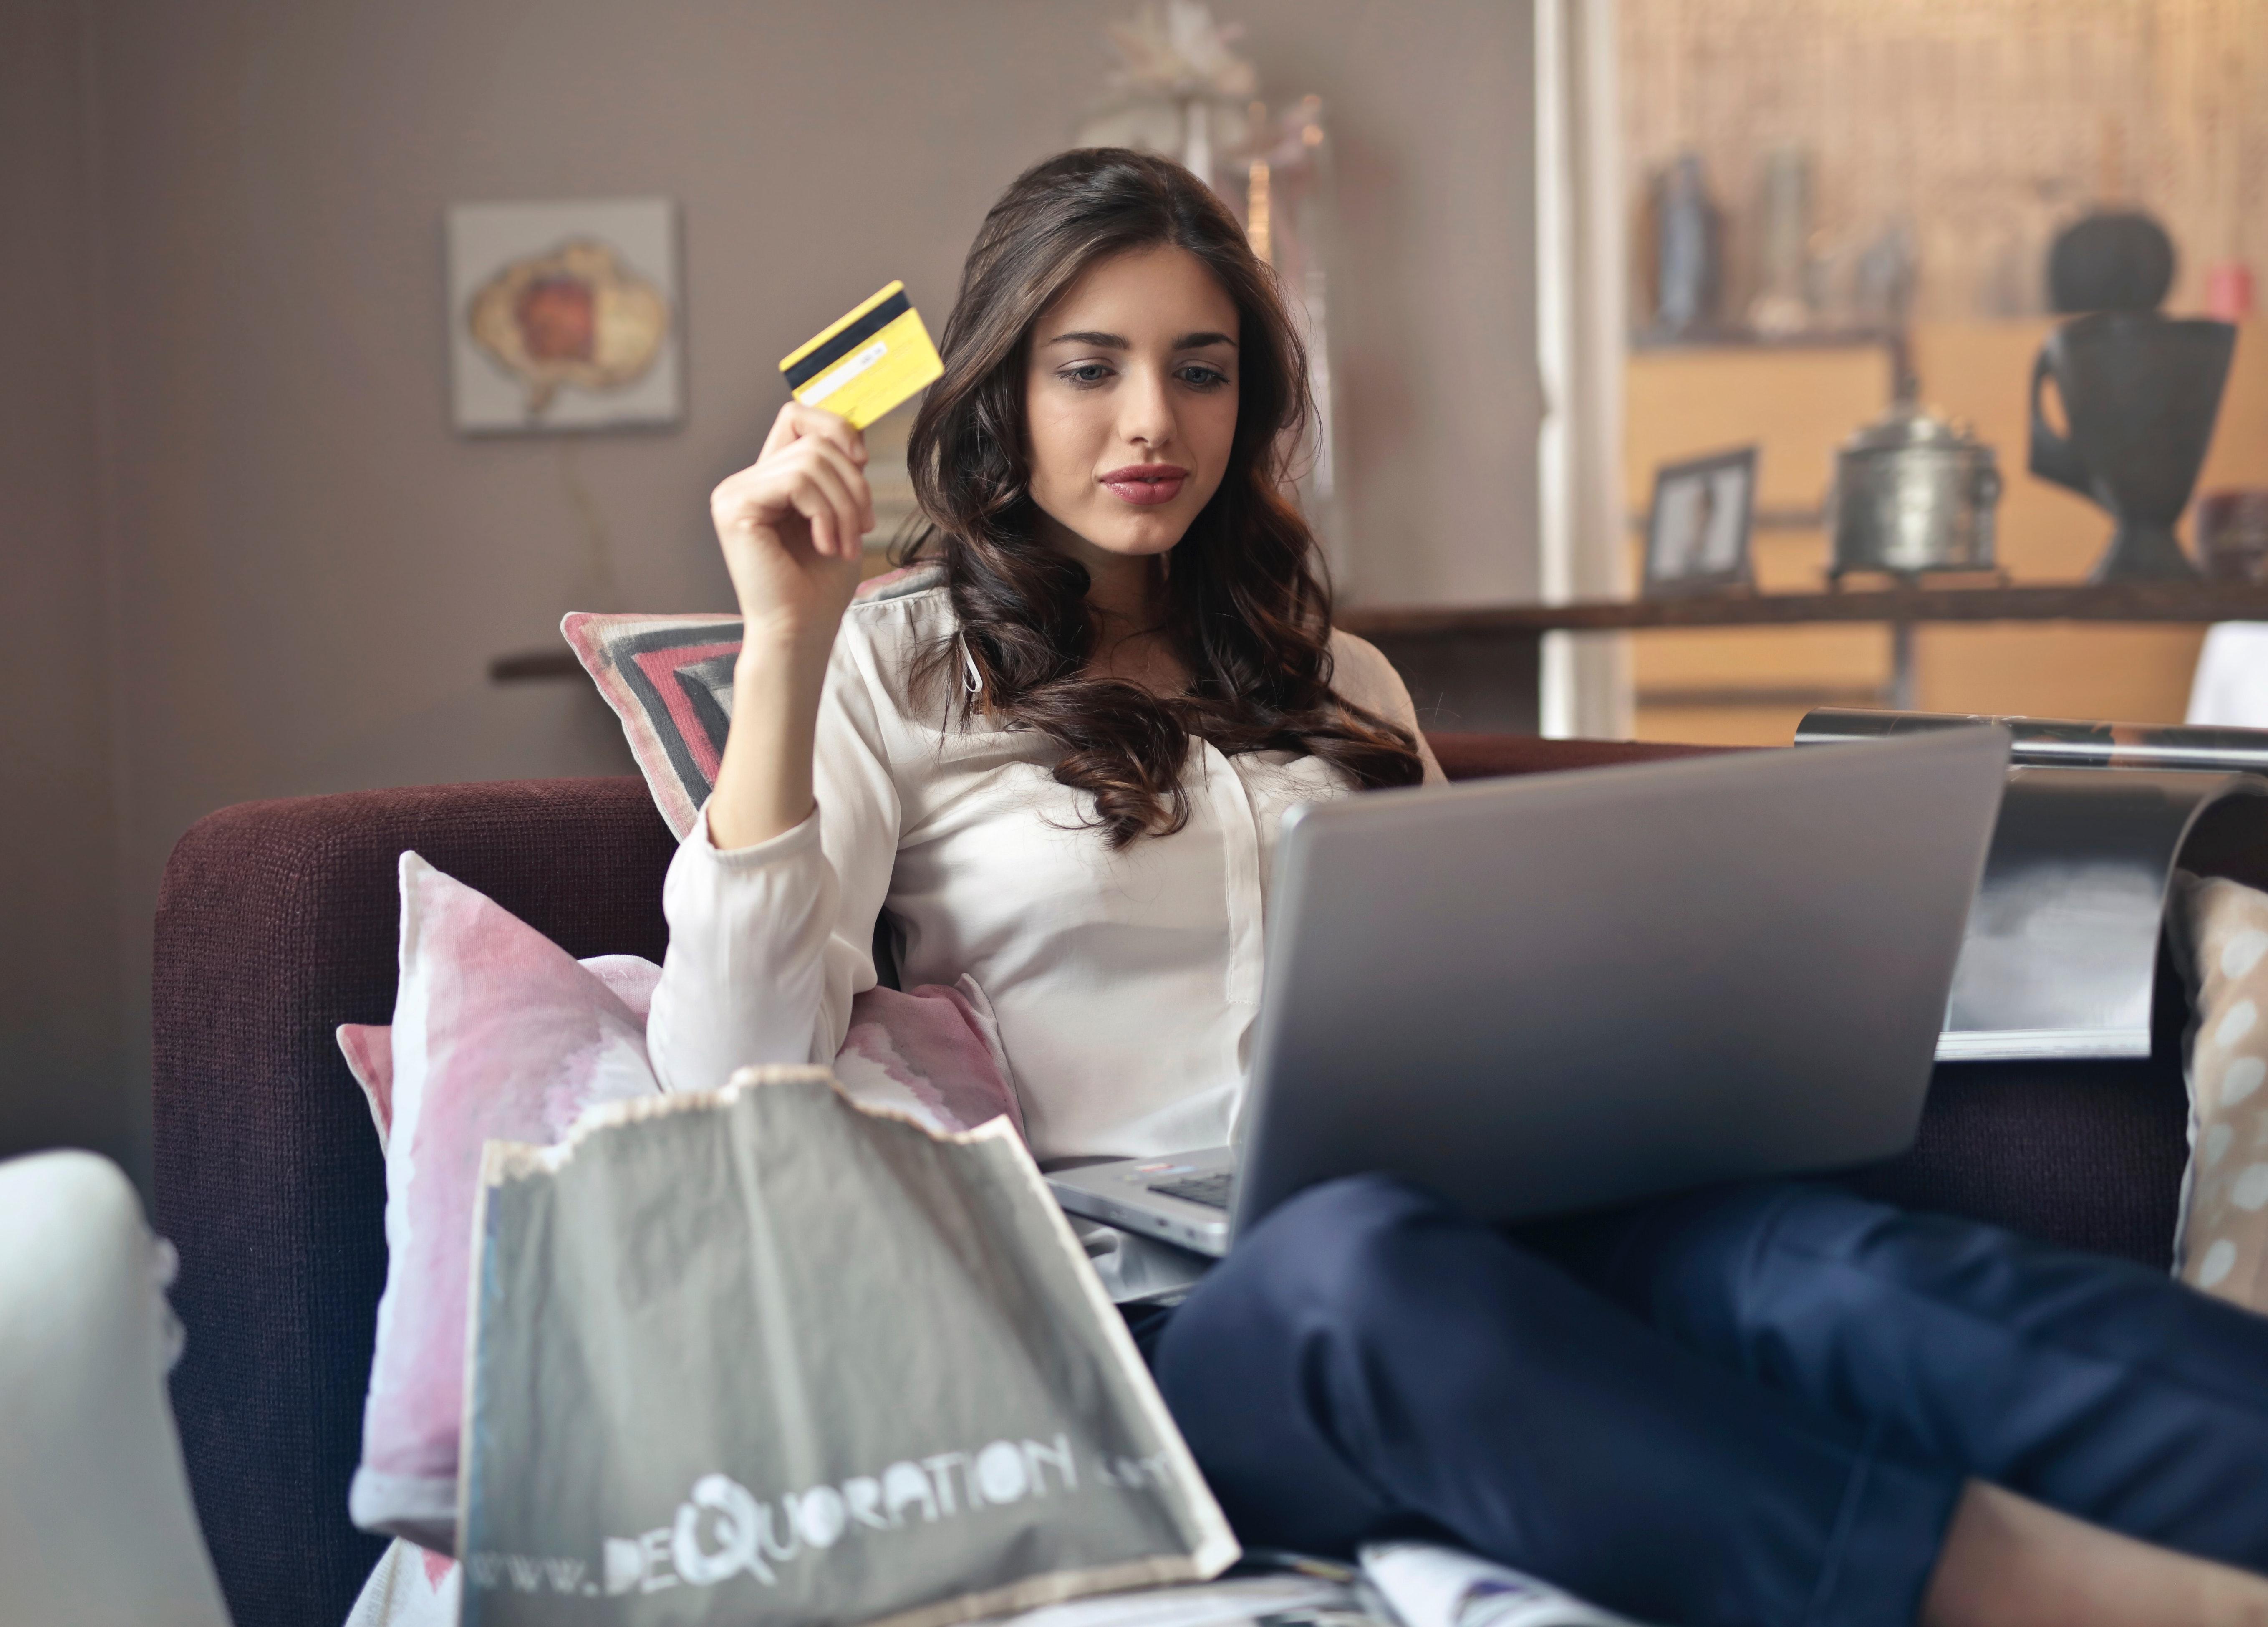 Kradzież karty płatniczej